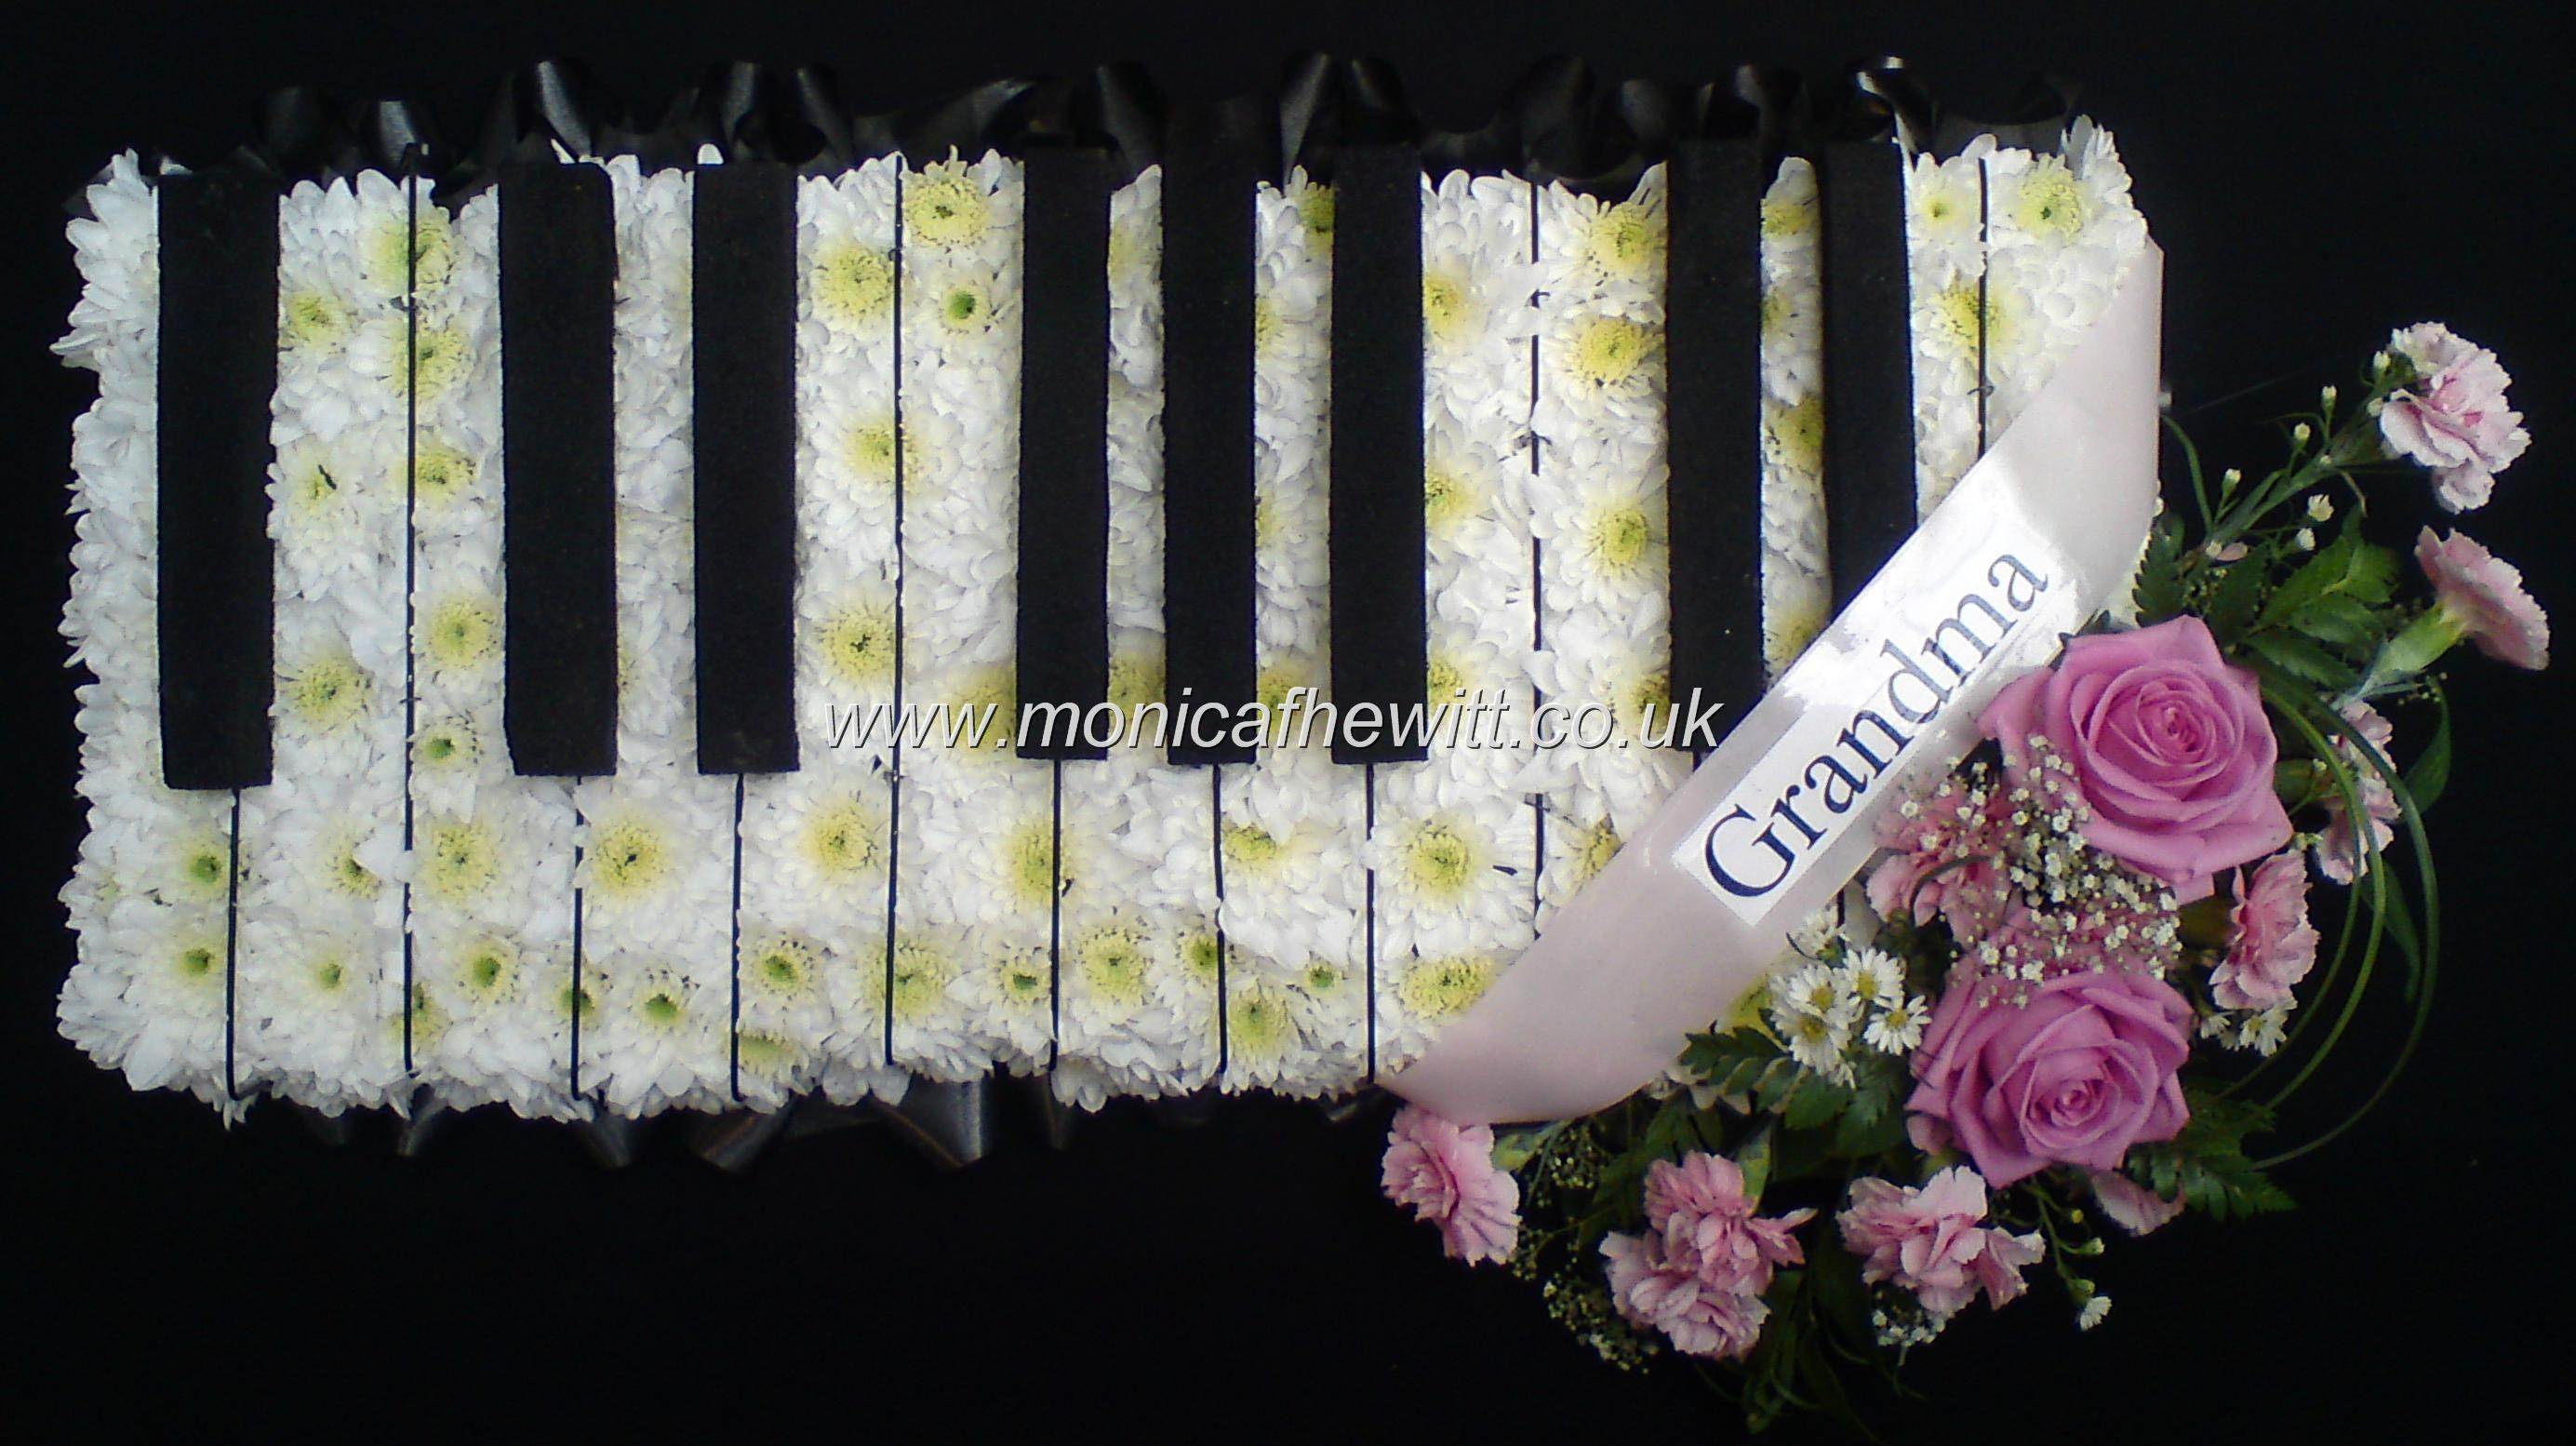 Piano Octave Funeral Flowers Monica F Hewitt Florist Sheffield